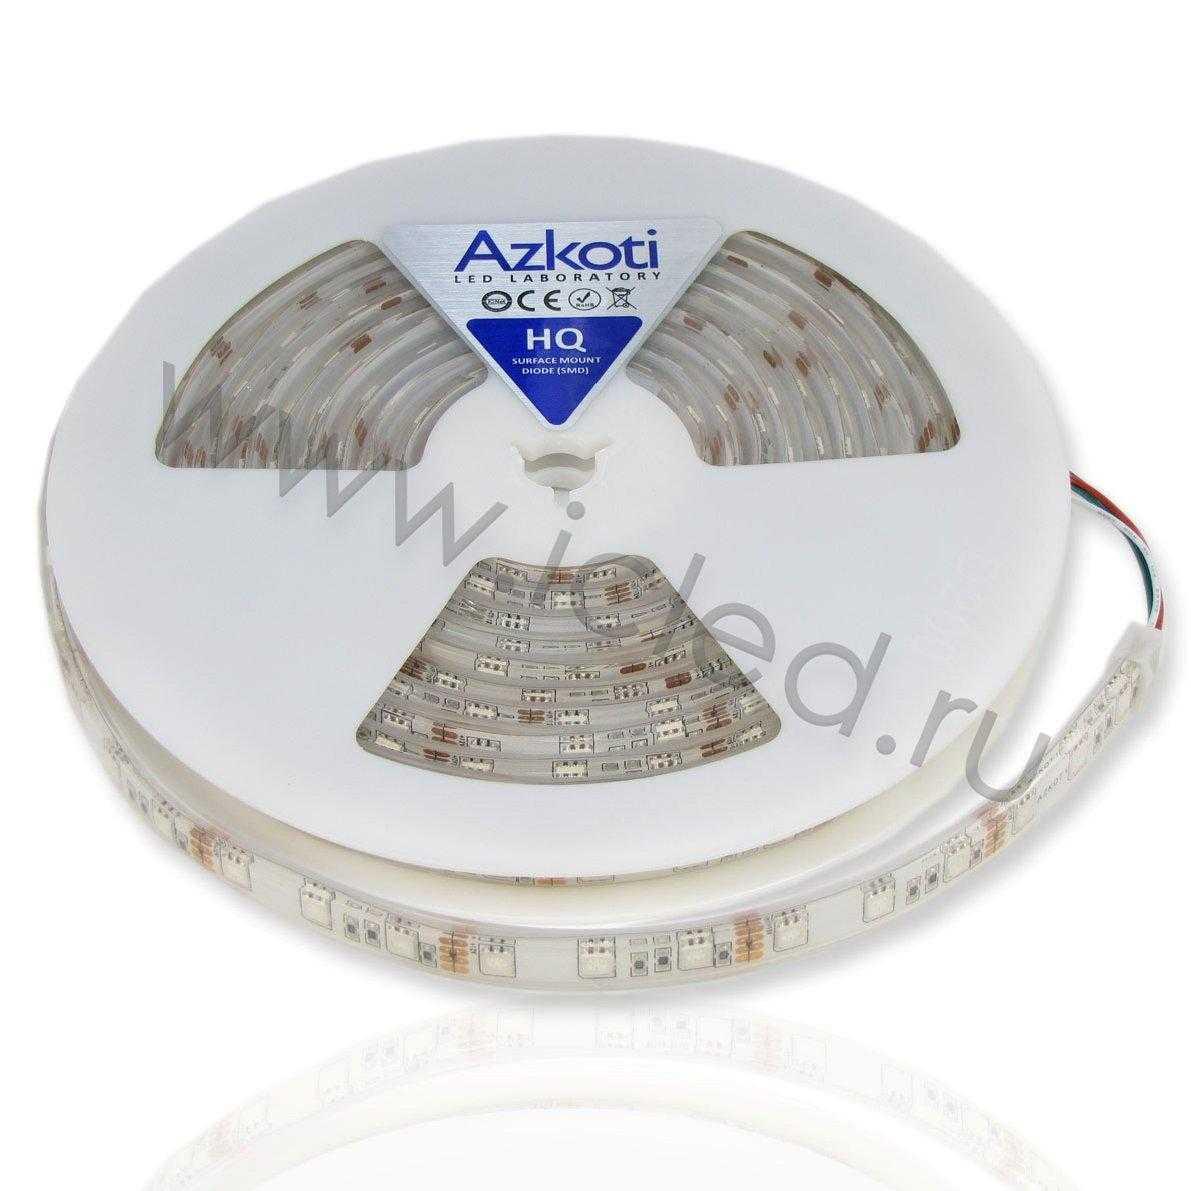 Светодиодная лента Class B, 5050, 60 led/m, RGB, 12V, IP68